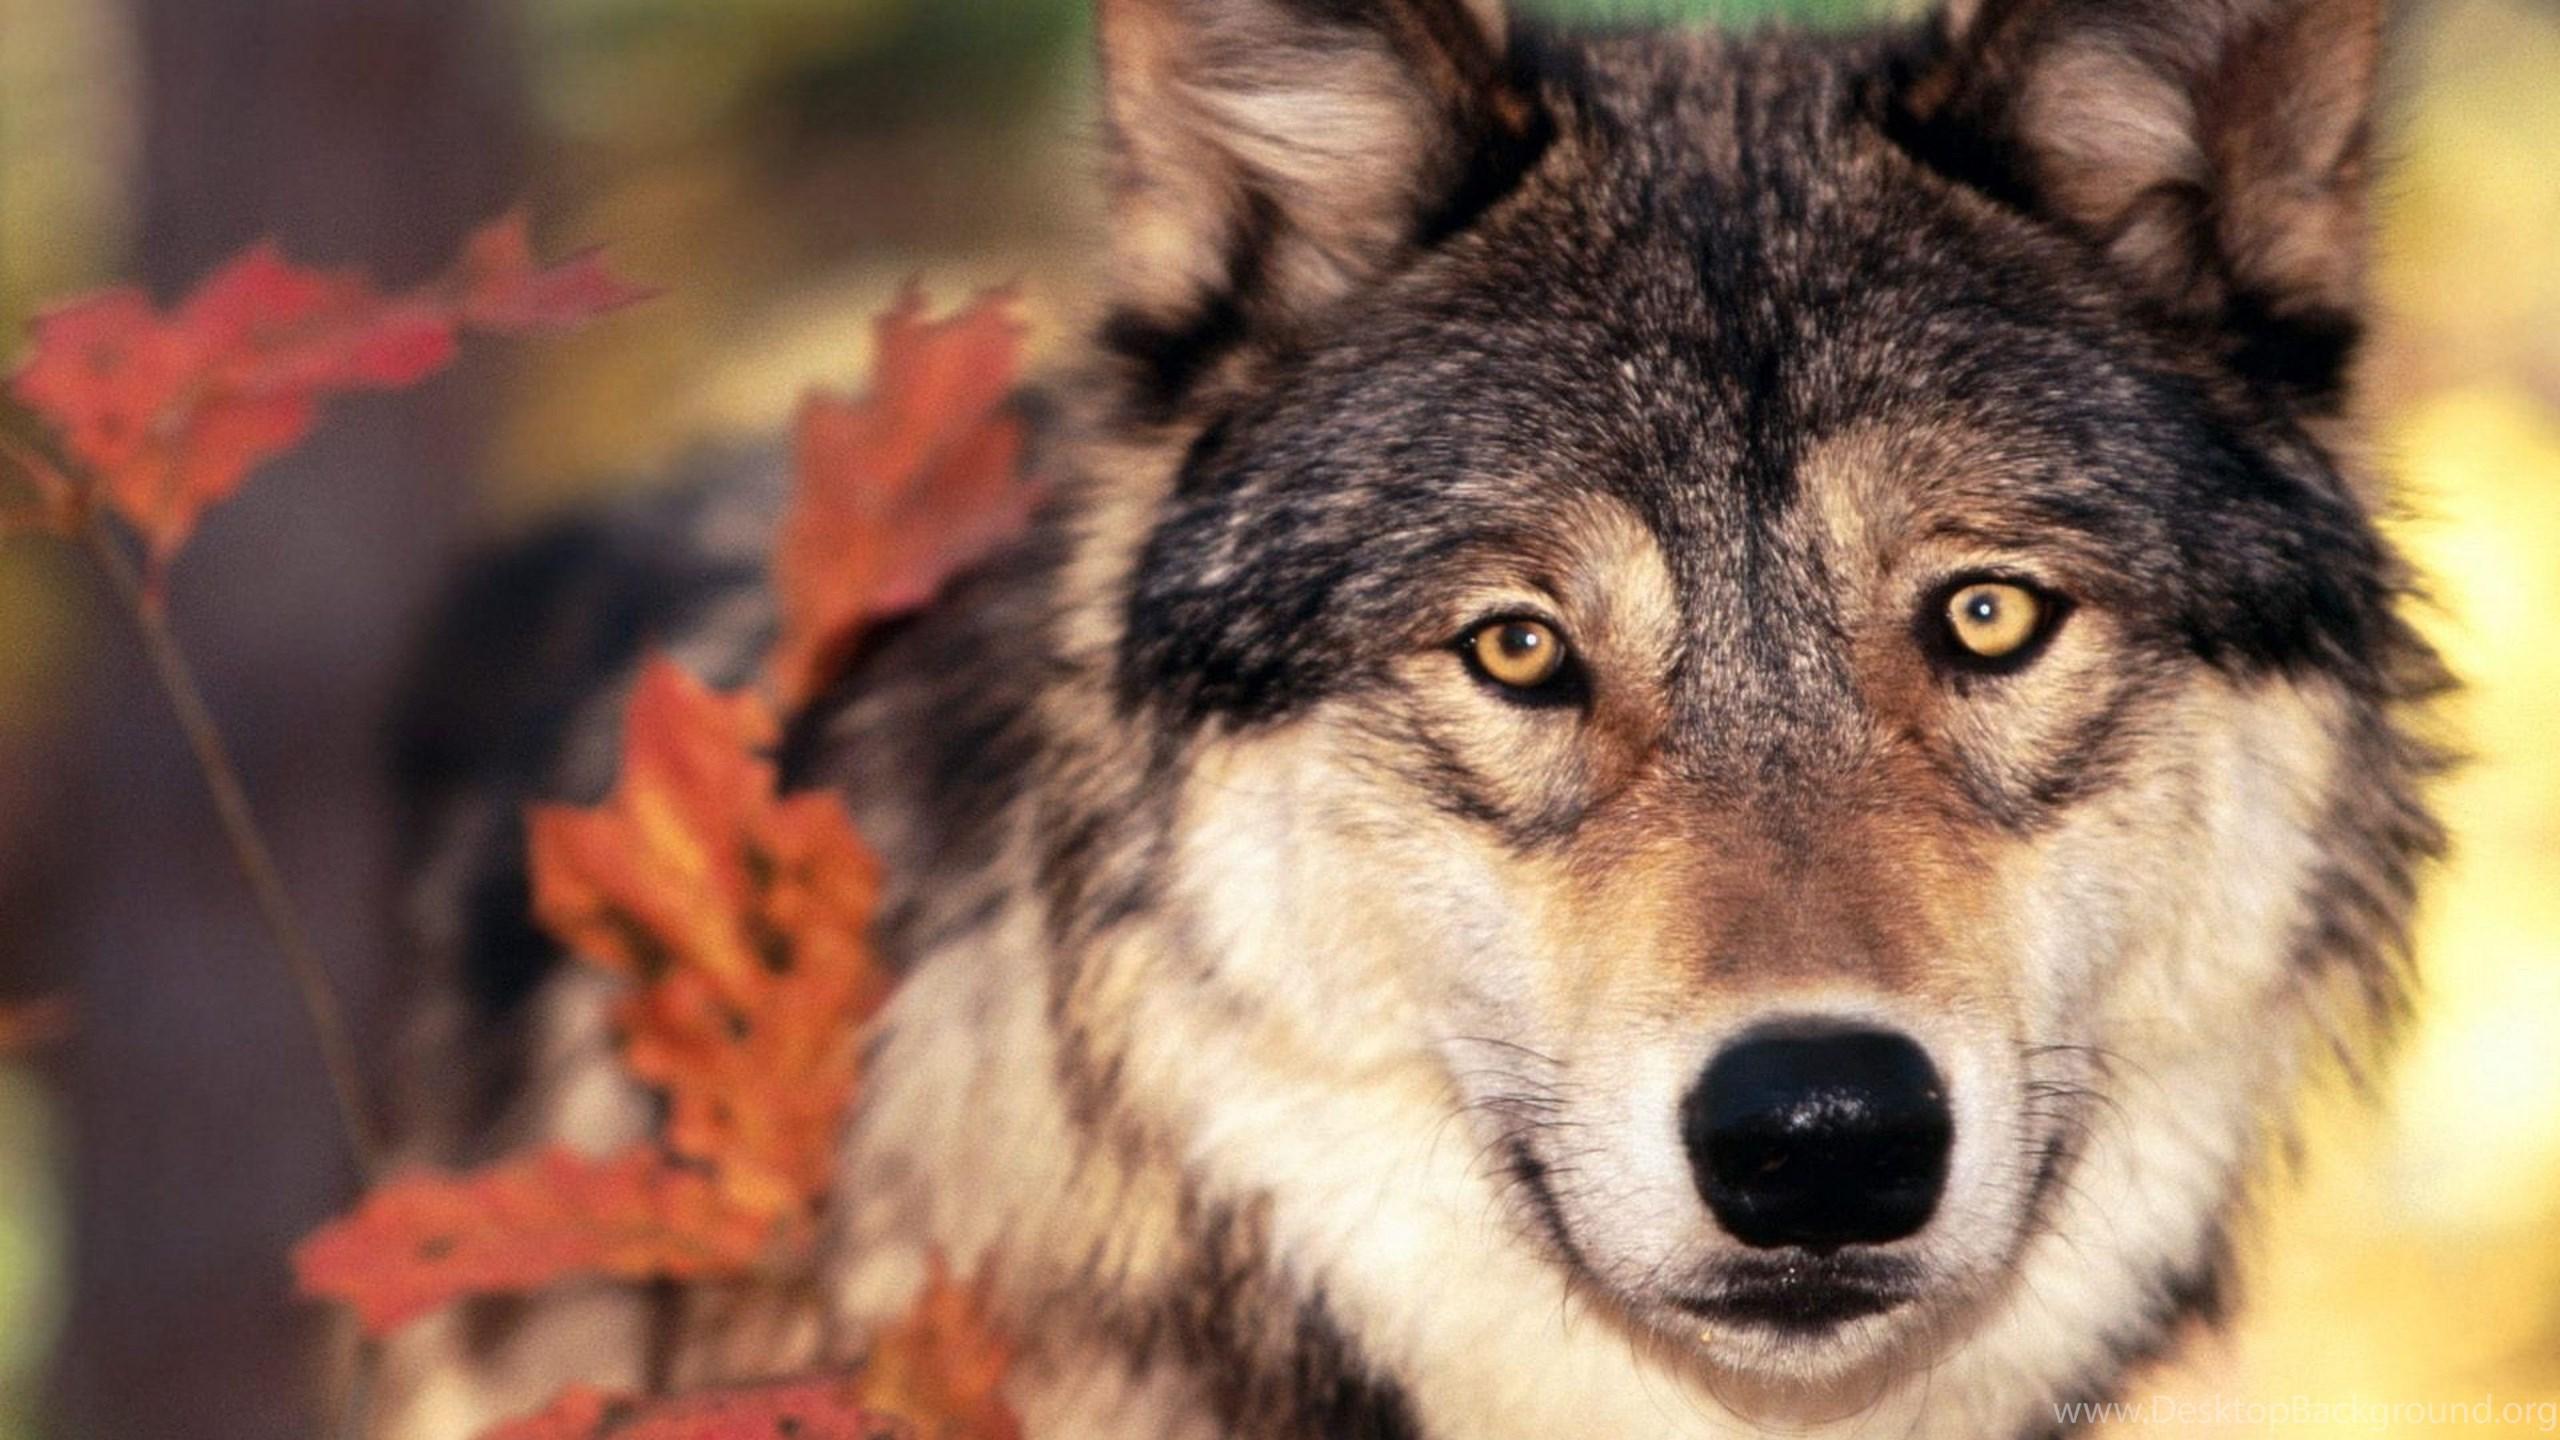 Page 4 4k Ultra Hd Wolf Wallpapers Hd Desktop Backgrounds 3840x2160 Desktop Background